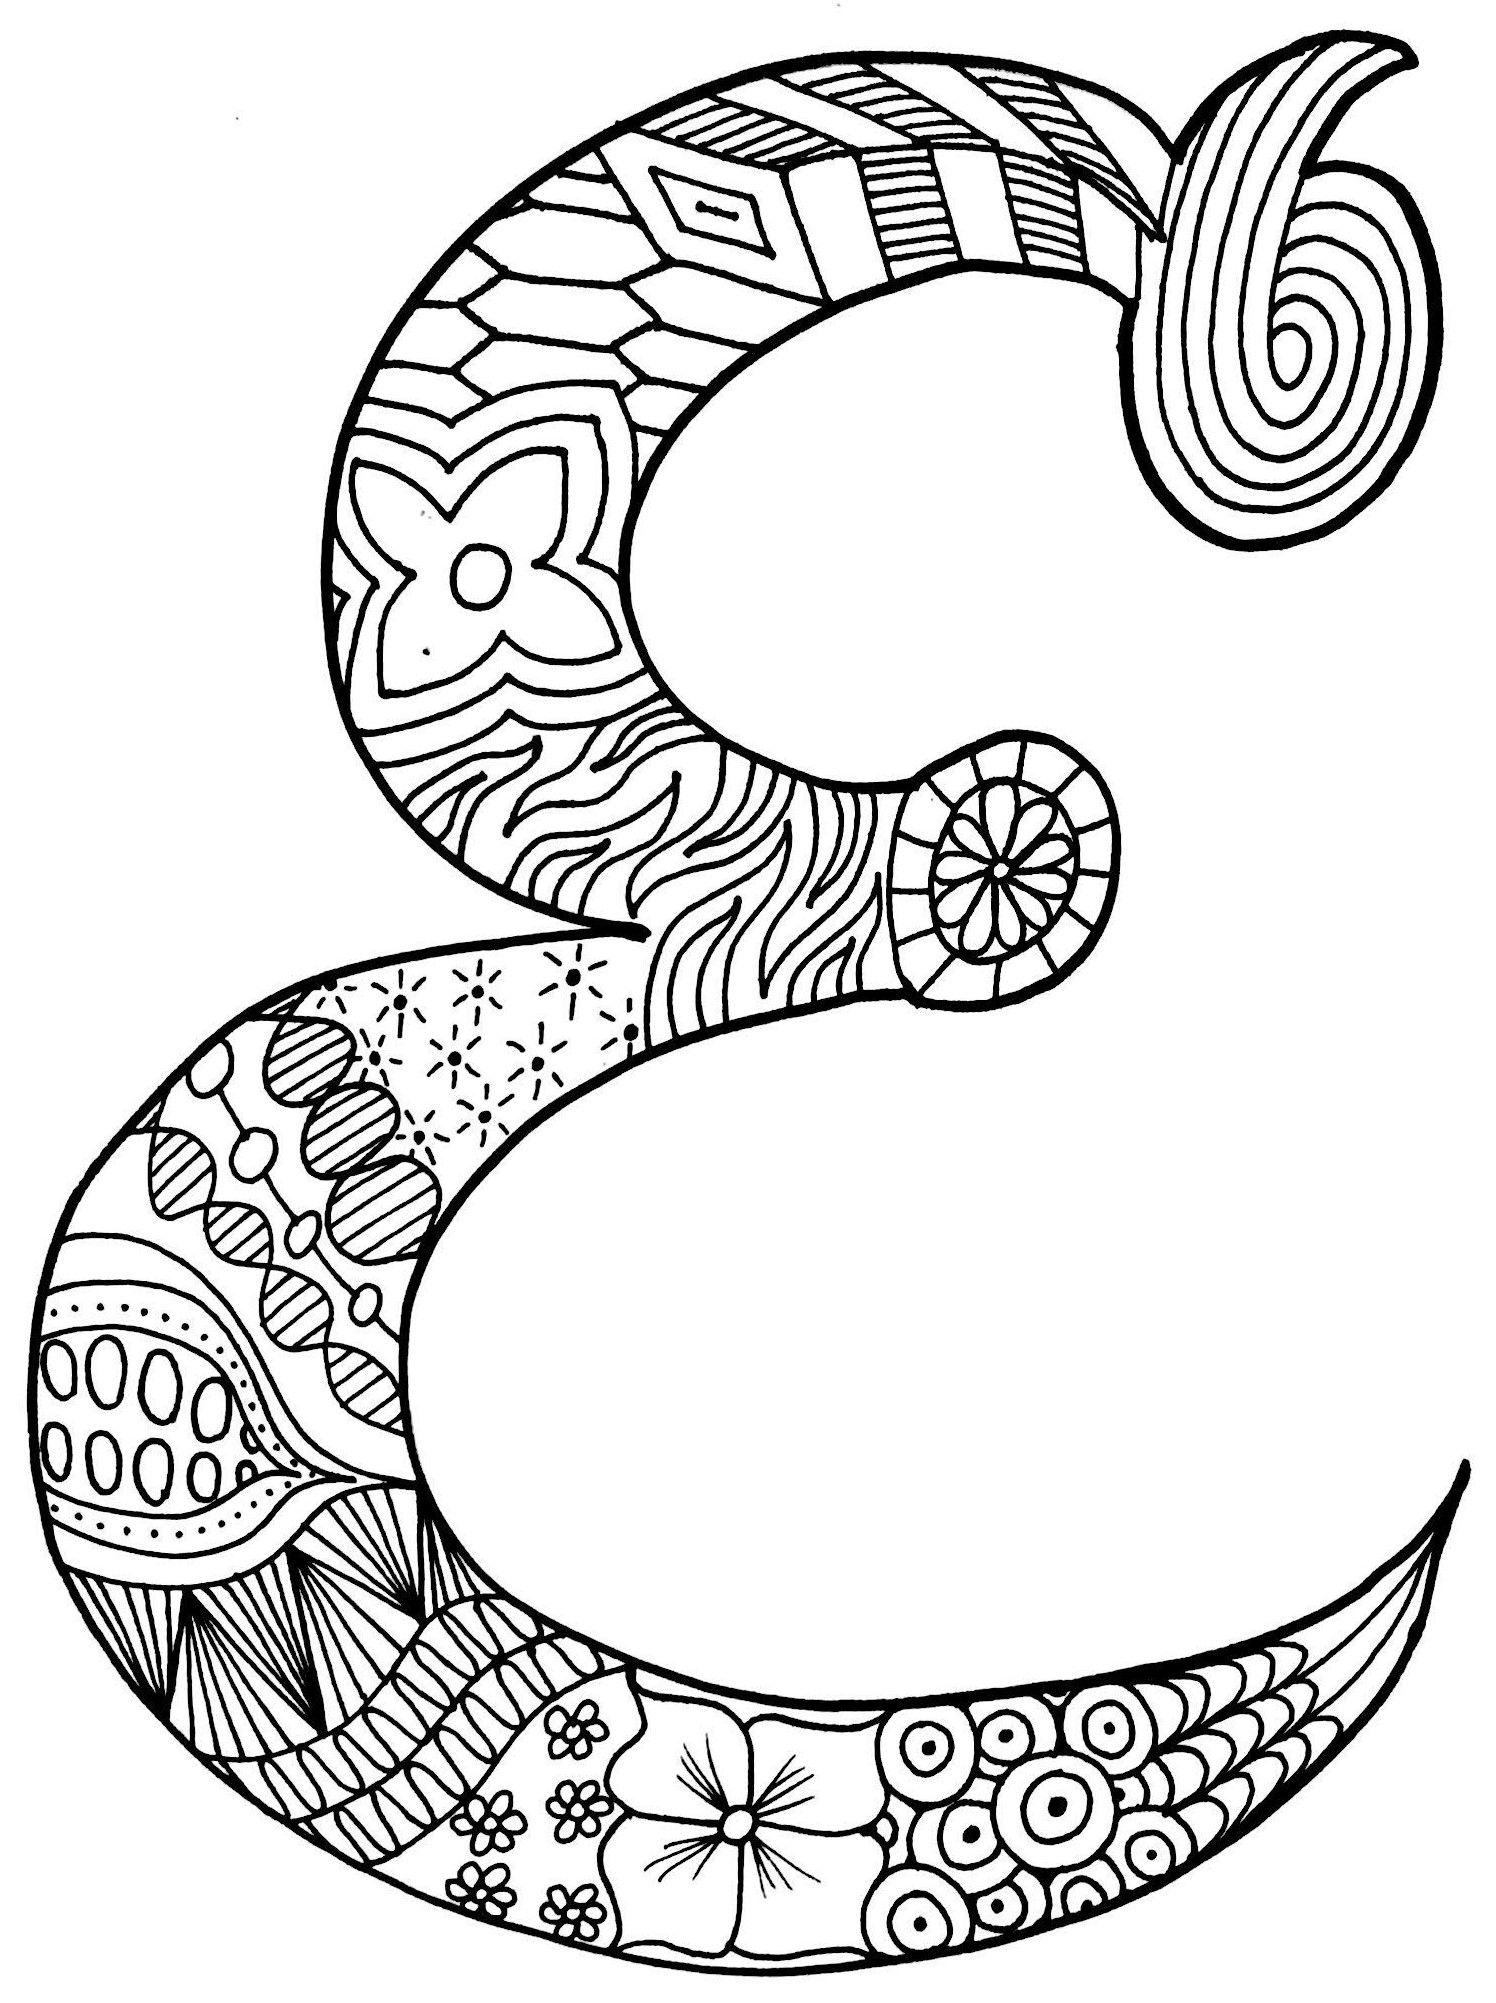 Letter E Alphabet Coloring Pages Letter A Coloring Pages Alphabet Coloring